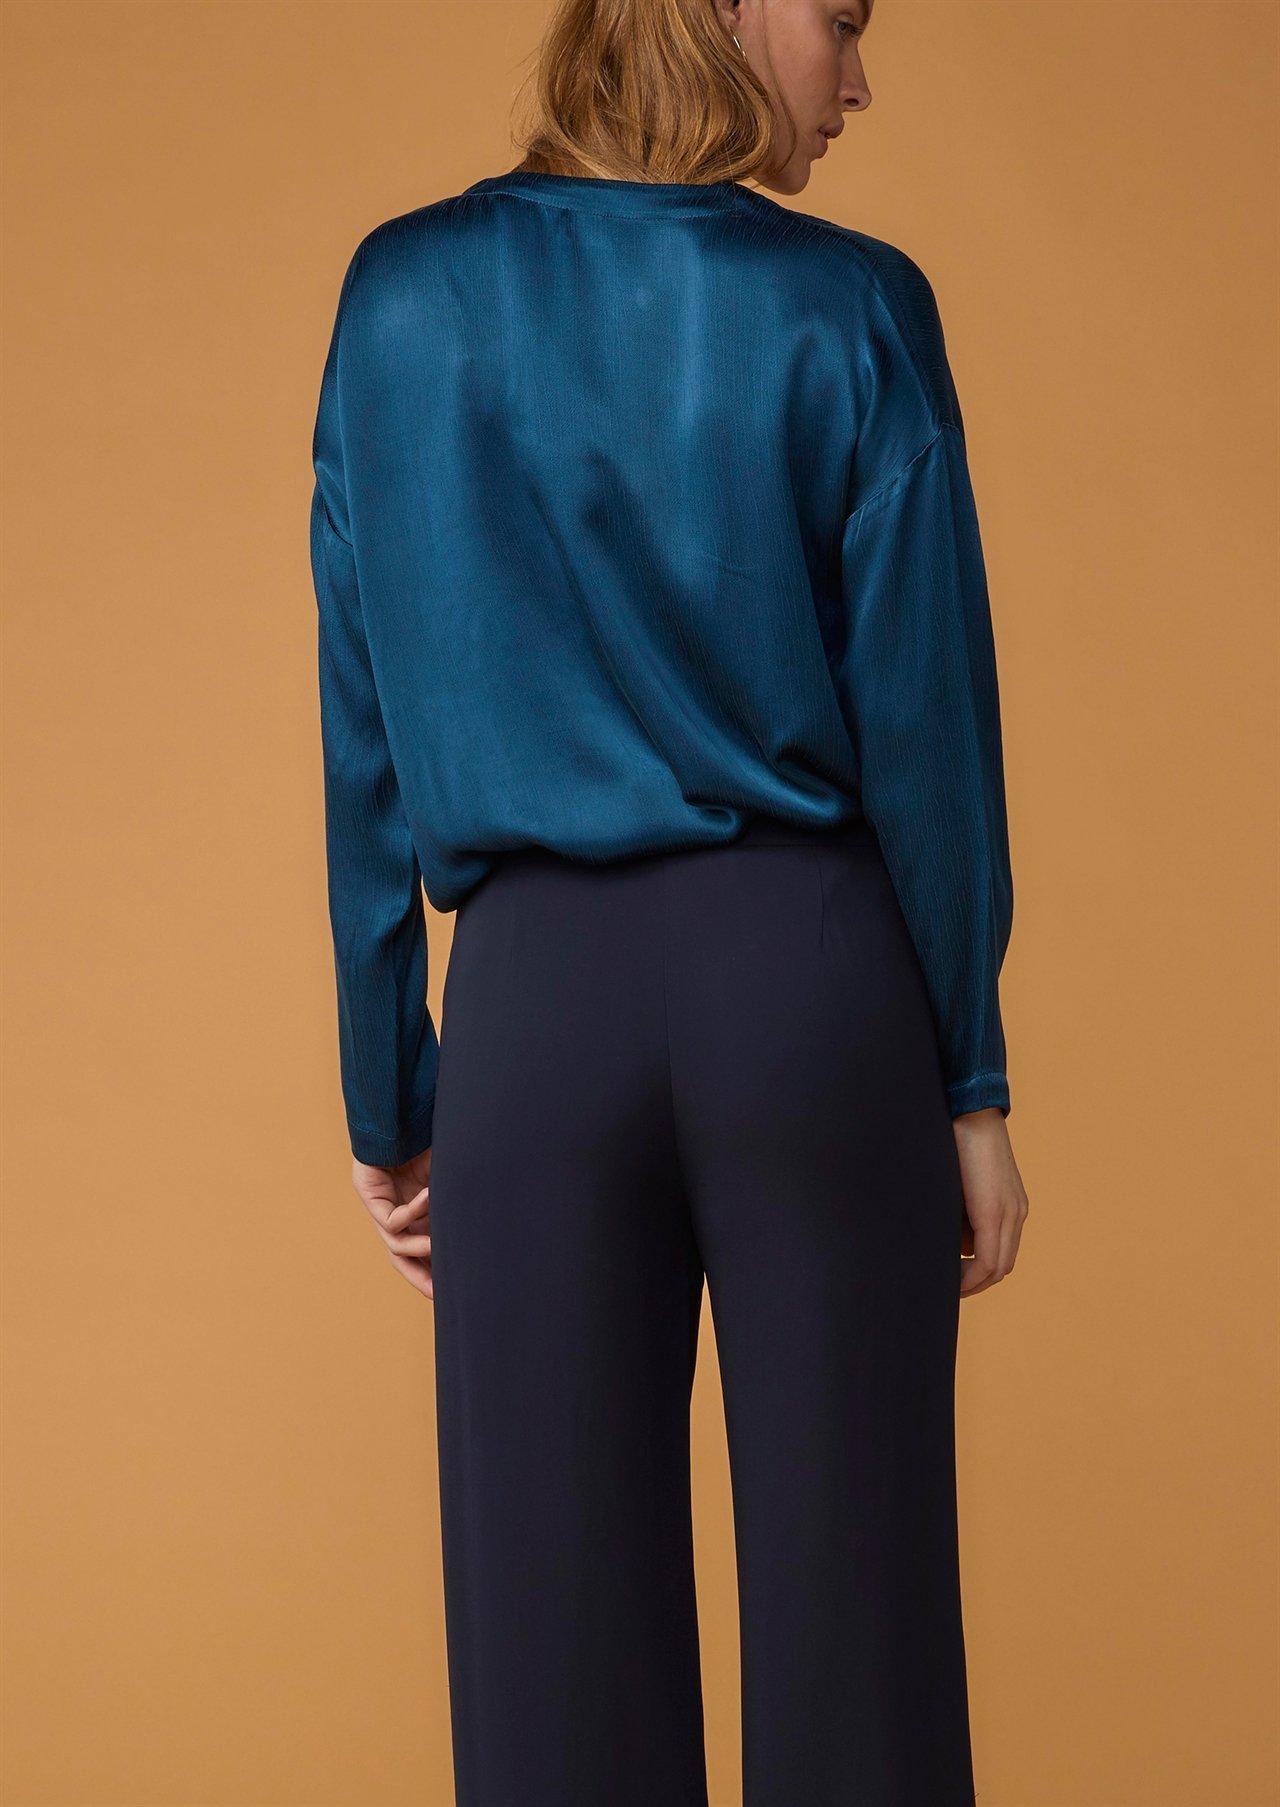 Maddox Trousers Twist & Tango